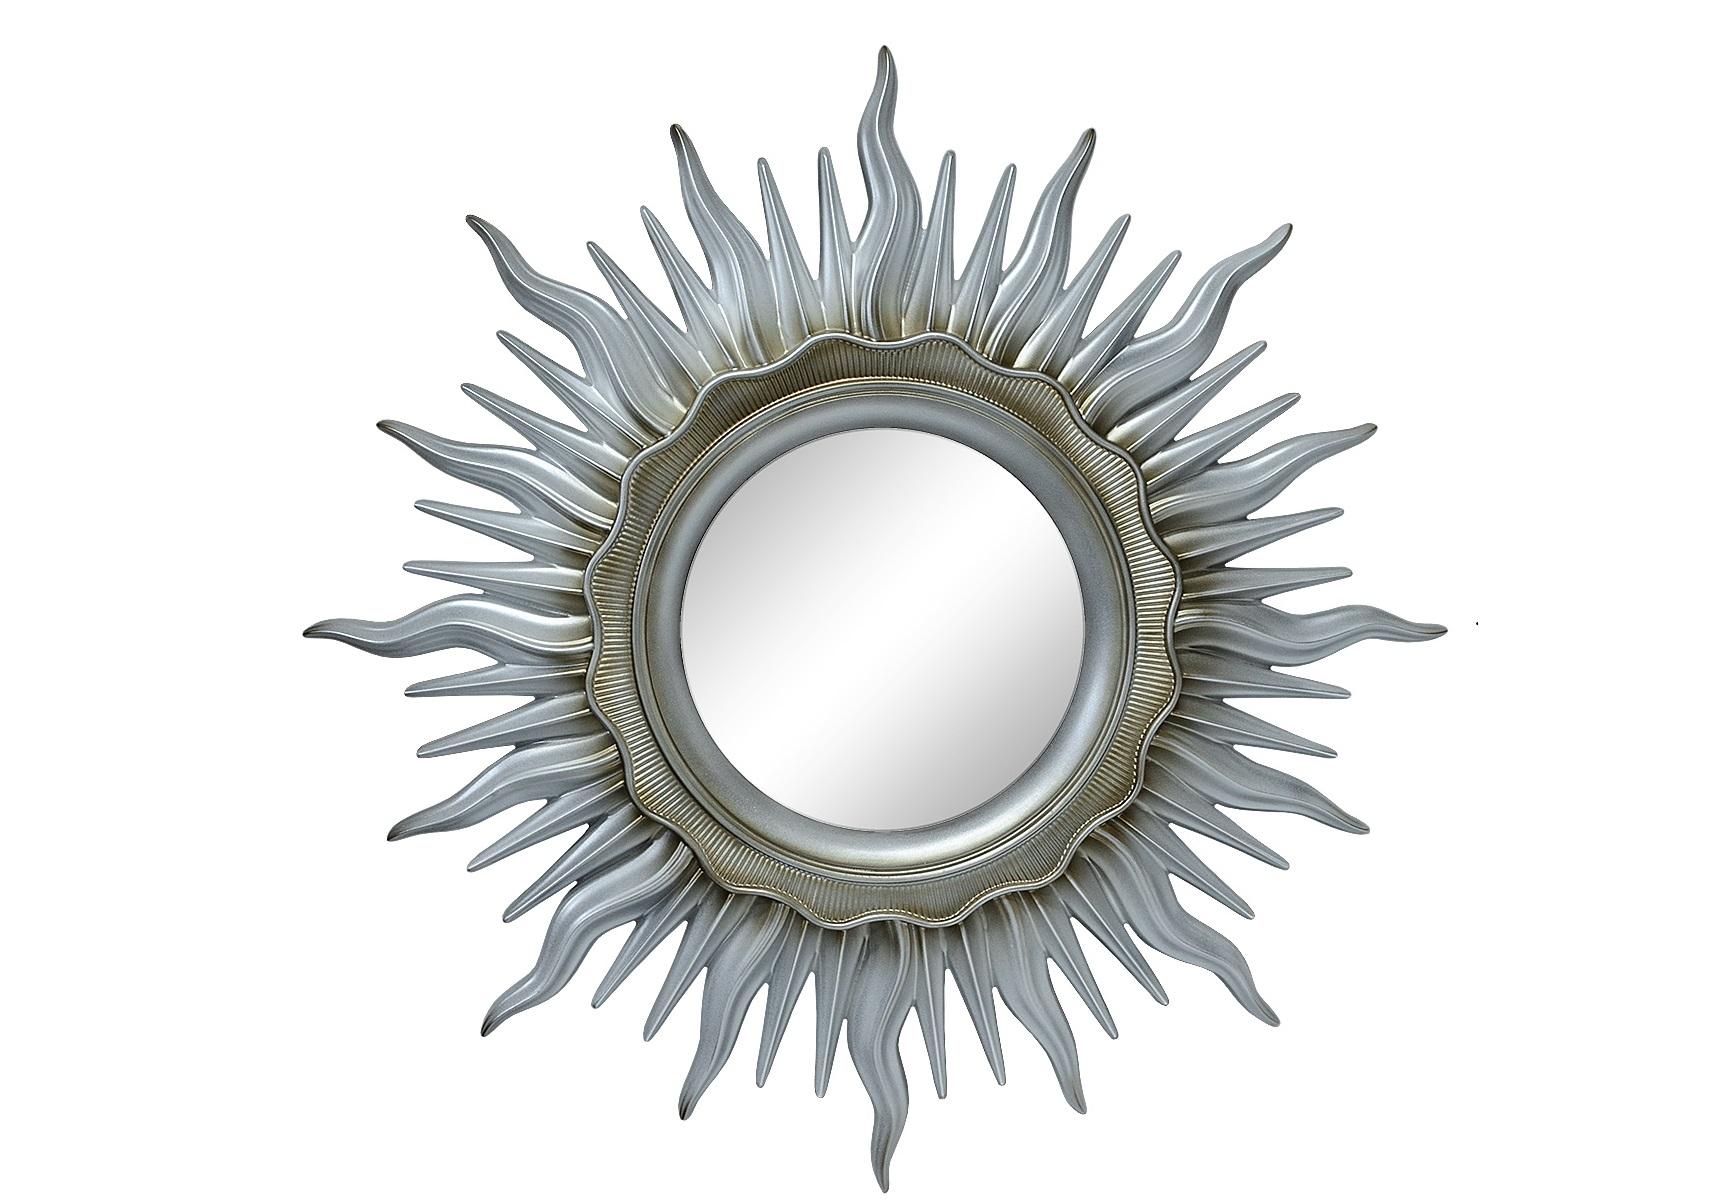 Зеркало АстроНастенные зеркала<br>&amp;lt;div&amp;gt;&amp;lt;div style=&amp;quot;line-height: 24.9999px;&amp;quot;&amp;gt;Мимо зеркала-солнца не пройти мимо. Так и тянет взглянуть на себя в окружении сверкающих лучей. Сияющая рама изготовлена из мебельного пенополиуретана, патинированного и окрашенного в серебряный цвет. Этот материал твердый и прочный, поэтому о хрупкости конструкции не стоит волноваться. Он не боится воды и пара, поэтому такое зеркало можно повесить в ванной комнате.&amp;lt;/div&amp;gt;&amp;lt;div style=&amp;quot;line-height: 24.9999px;&amp;quot;&amp;gt;&amp;lt;br&amp;gt;&amp;lt;/div&amp;gt;&amp;lt;div style=&amp;quot;line-height: 24.9999px;&amp;quot;&amp;gt;Материал: мебельный композит.&amp;lt;/div&amp;gt;&amp;lt;/div&amp;gt;<br><br>Material: Полиуретан<br>Глубина см: 4